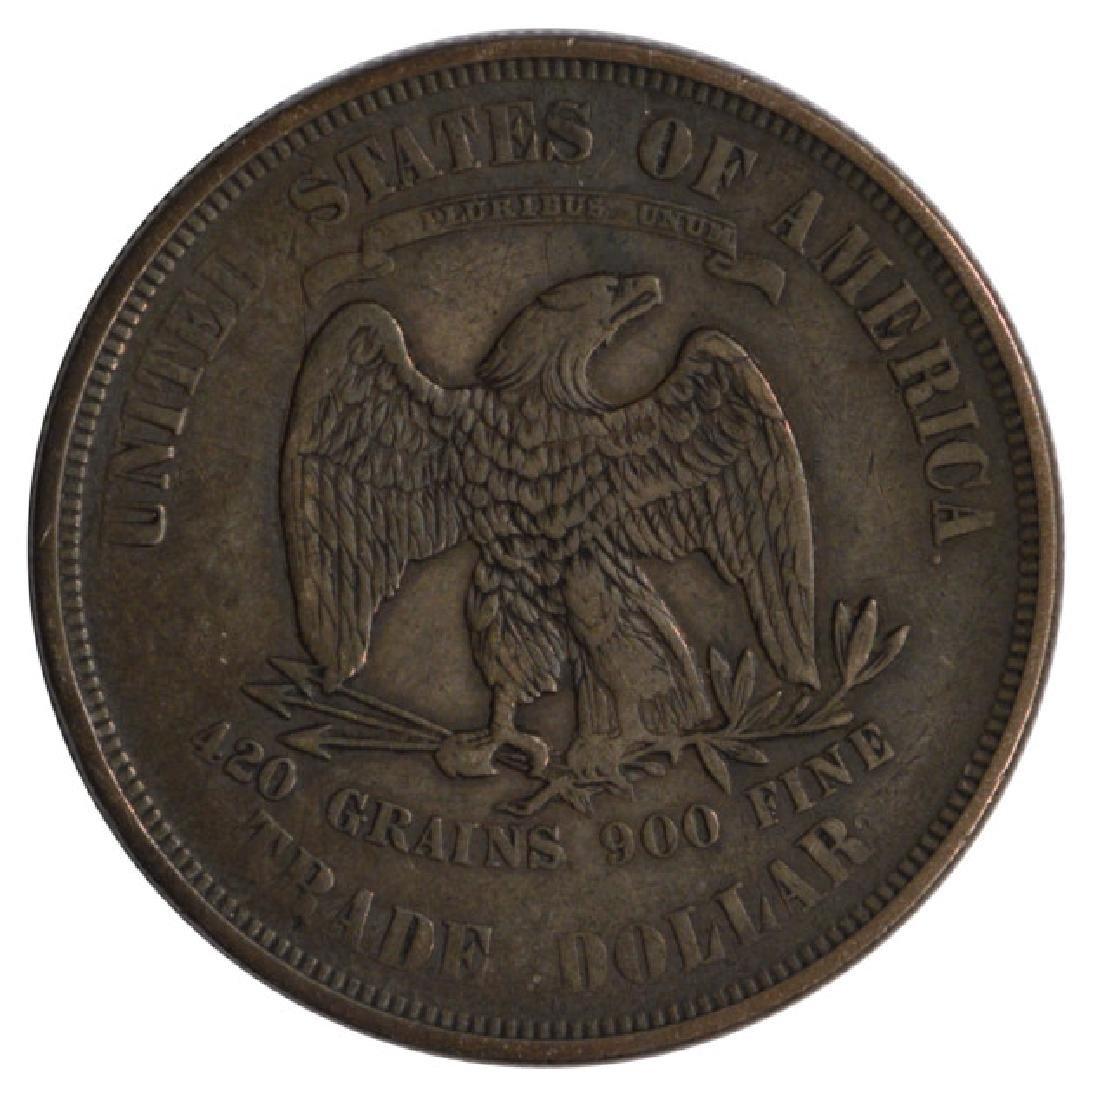 1874 Trade Dollar Coin - 2